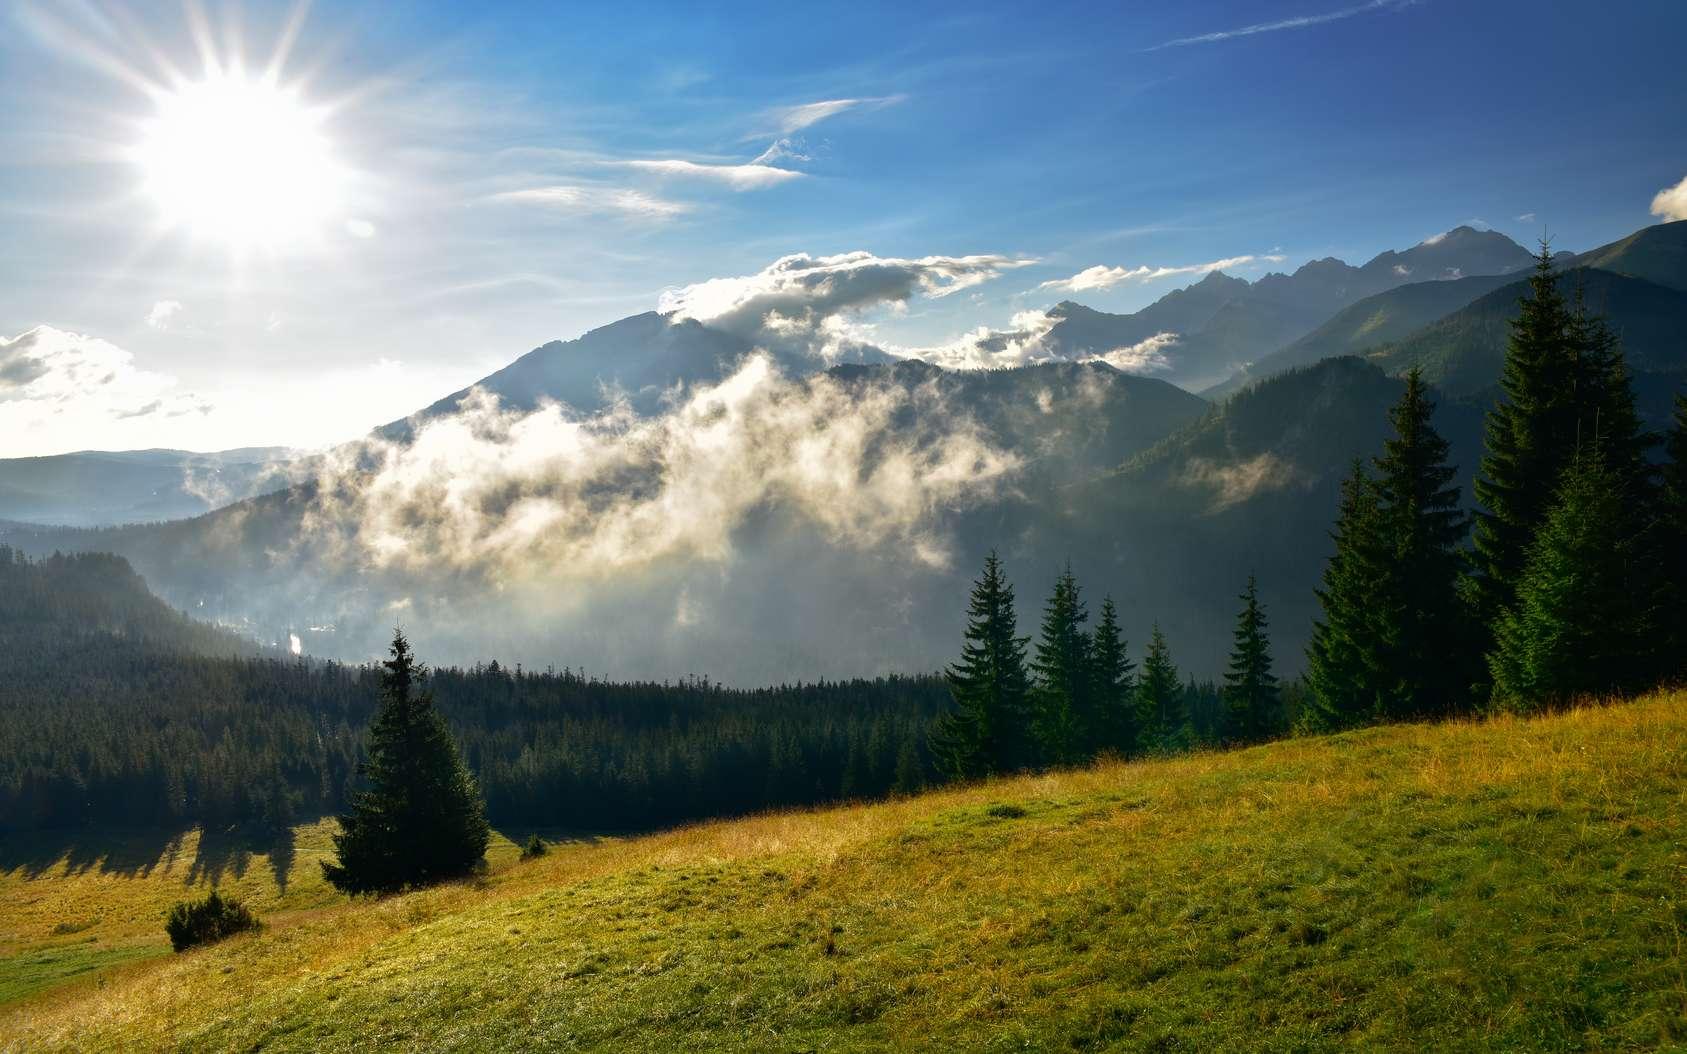 Les rayons du soleil sont plus violents en altitude. Ici, les Tatras, une chaîne de montagnes à cheval sur la frontière entre la Pologne et la Slovaquie. © aboutfoto, Fotolia